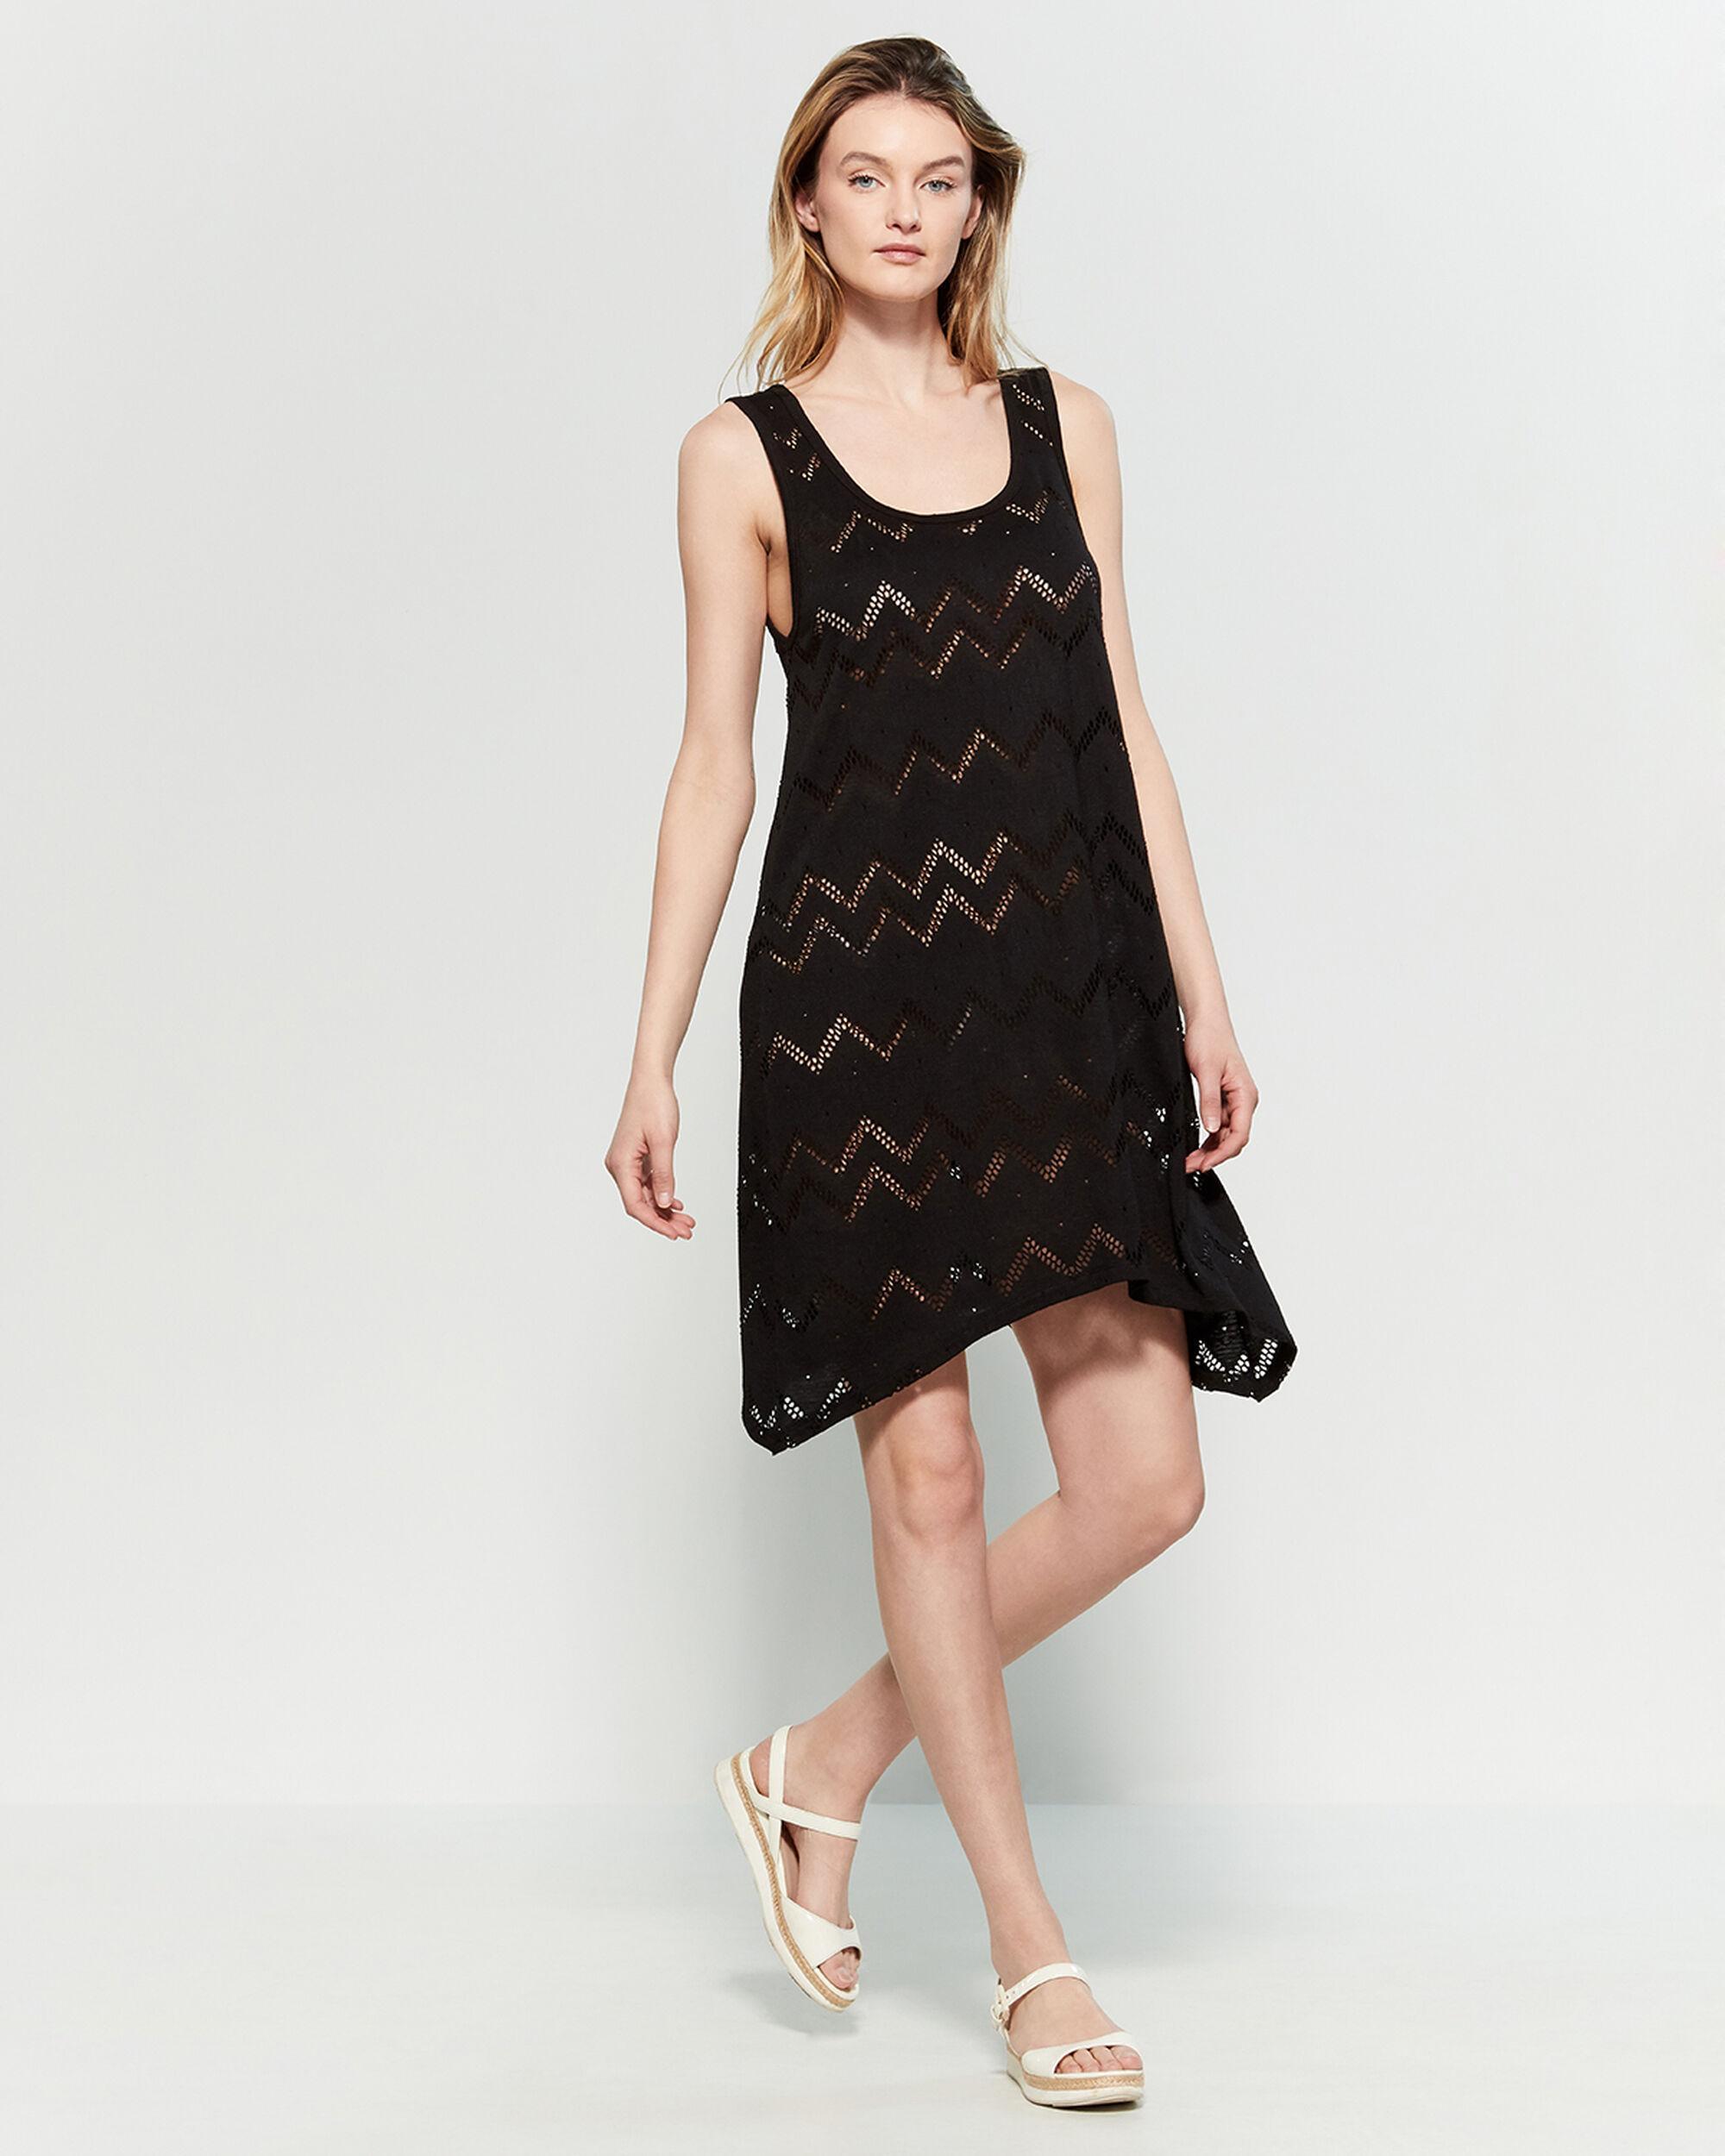 e08a754ec9 Calvin Klein Black Chevron Sharkbite Hem Cover-up Dress in Black - Lyst